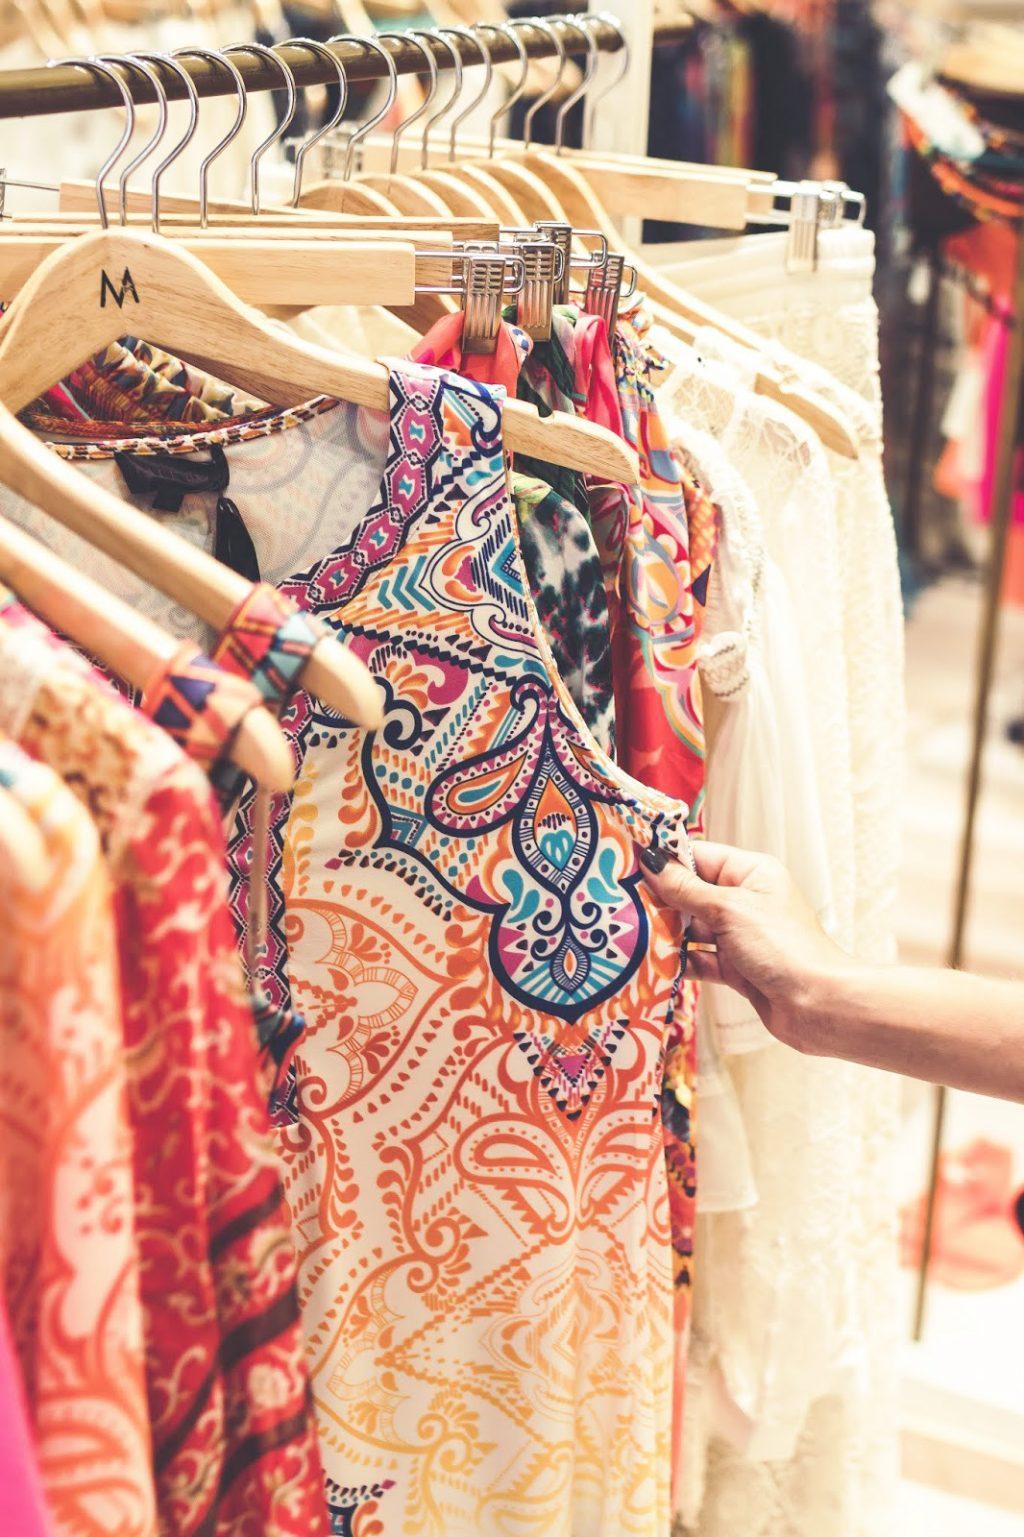 bí quyết mua sắm quần áo cũ 2